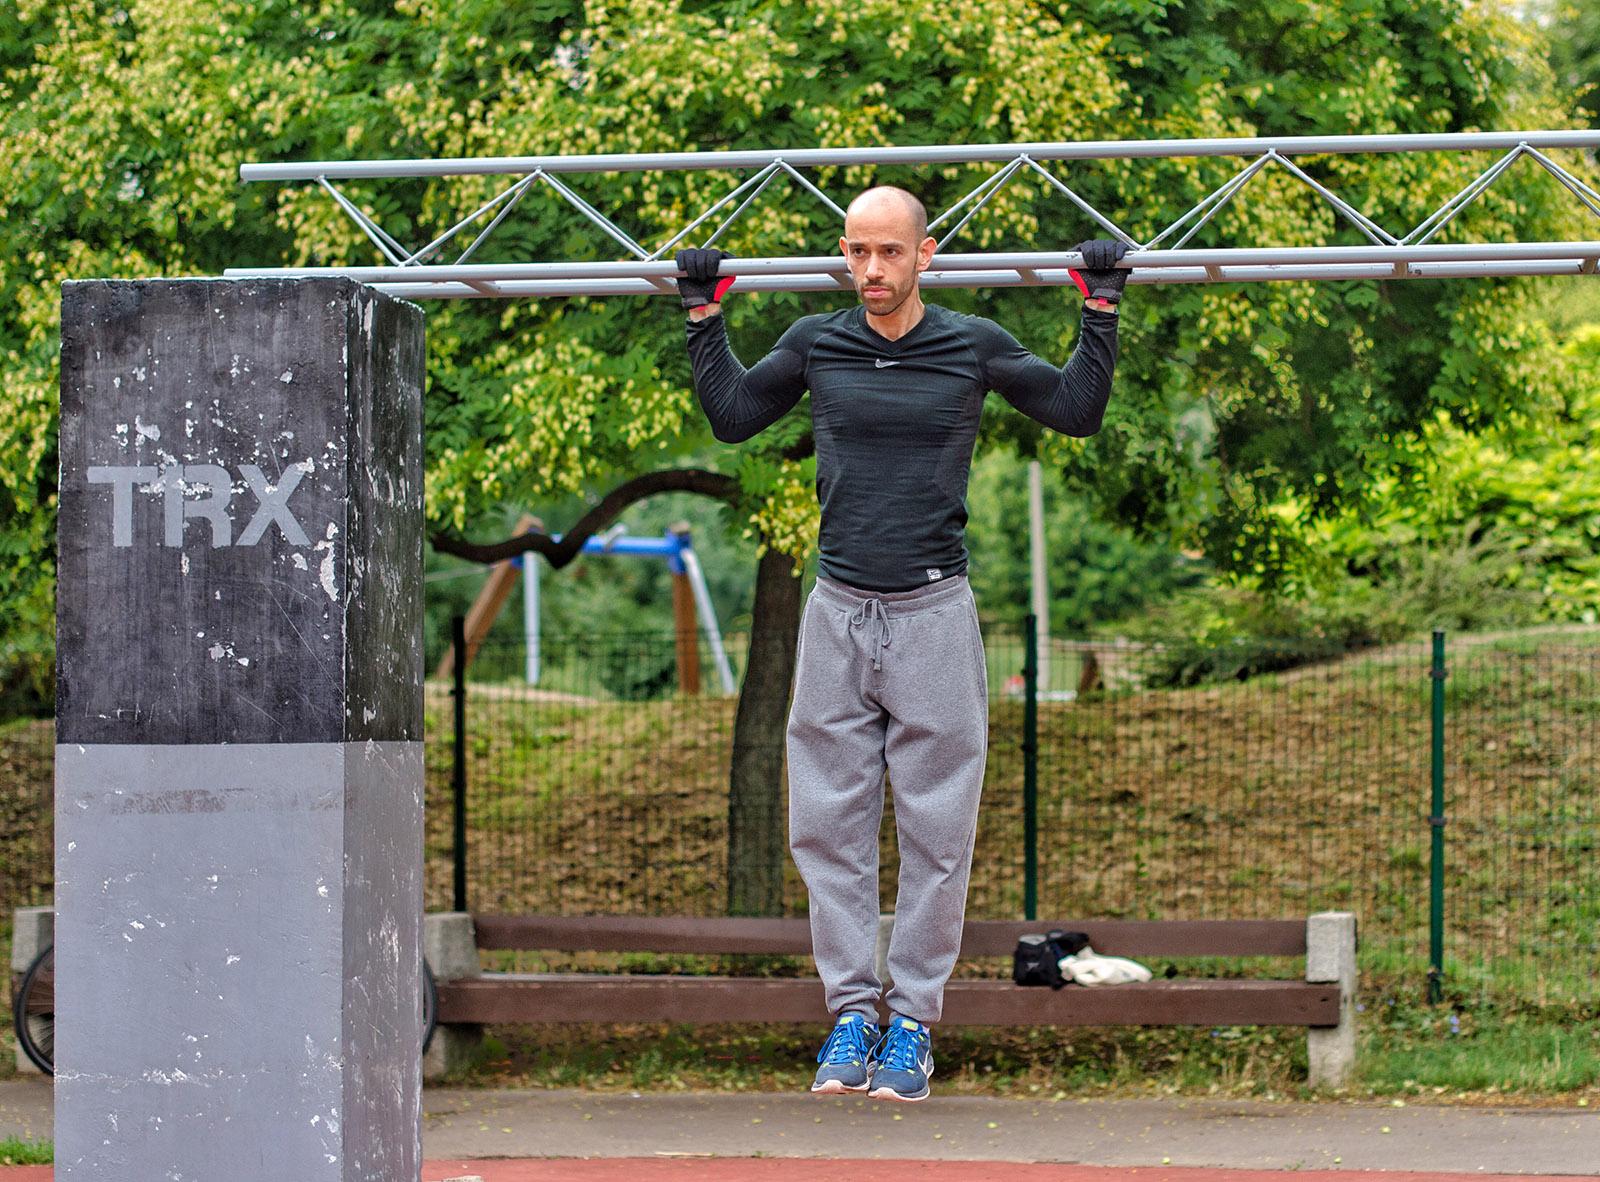 5+1 indok, miért a testmozgás a legjobb gyógyszer